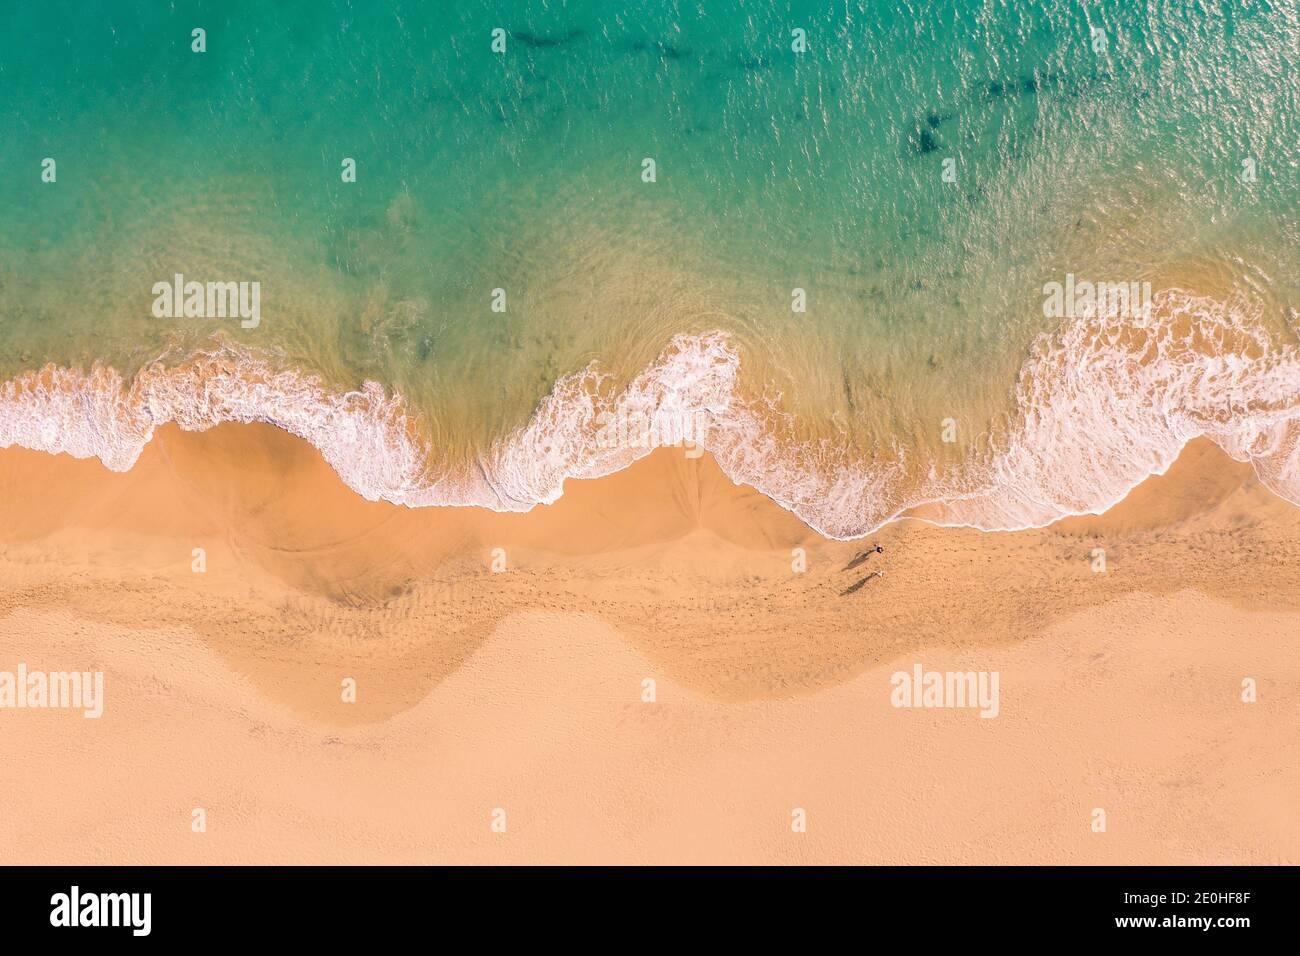 Vista aérea de arriba hacia abajo de la hermosa costa del océano Atlántico con aguas cristalinas color turquesa y playa de arena, olas que ruinan en la costa Foto de stock